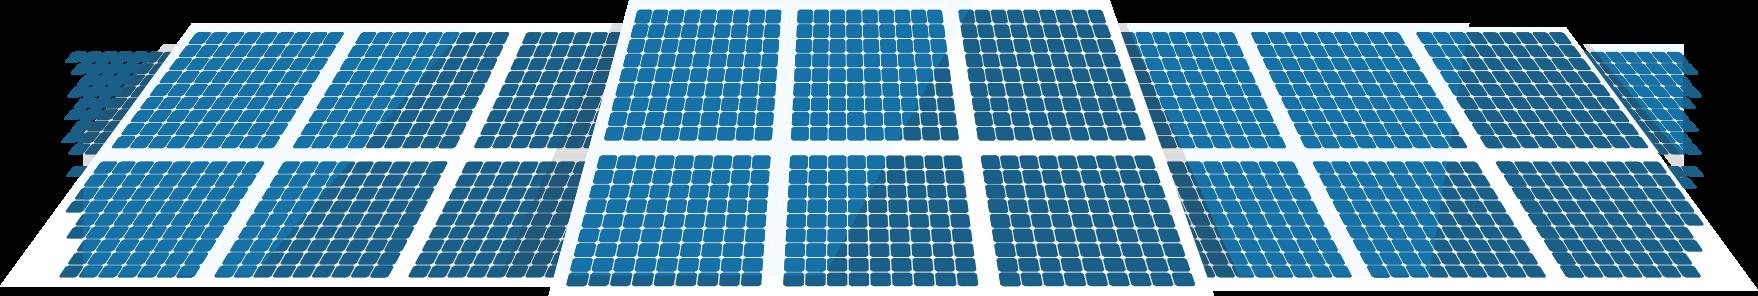 Energia Solar Caruaru 1